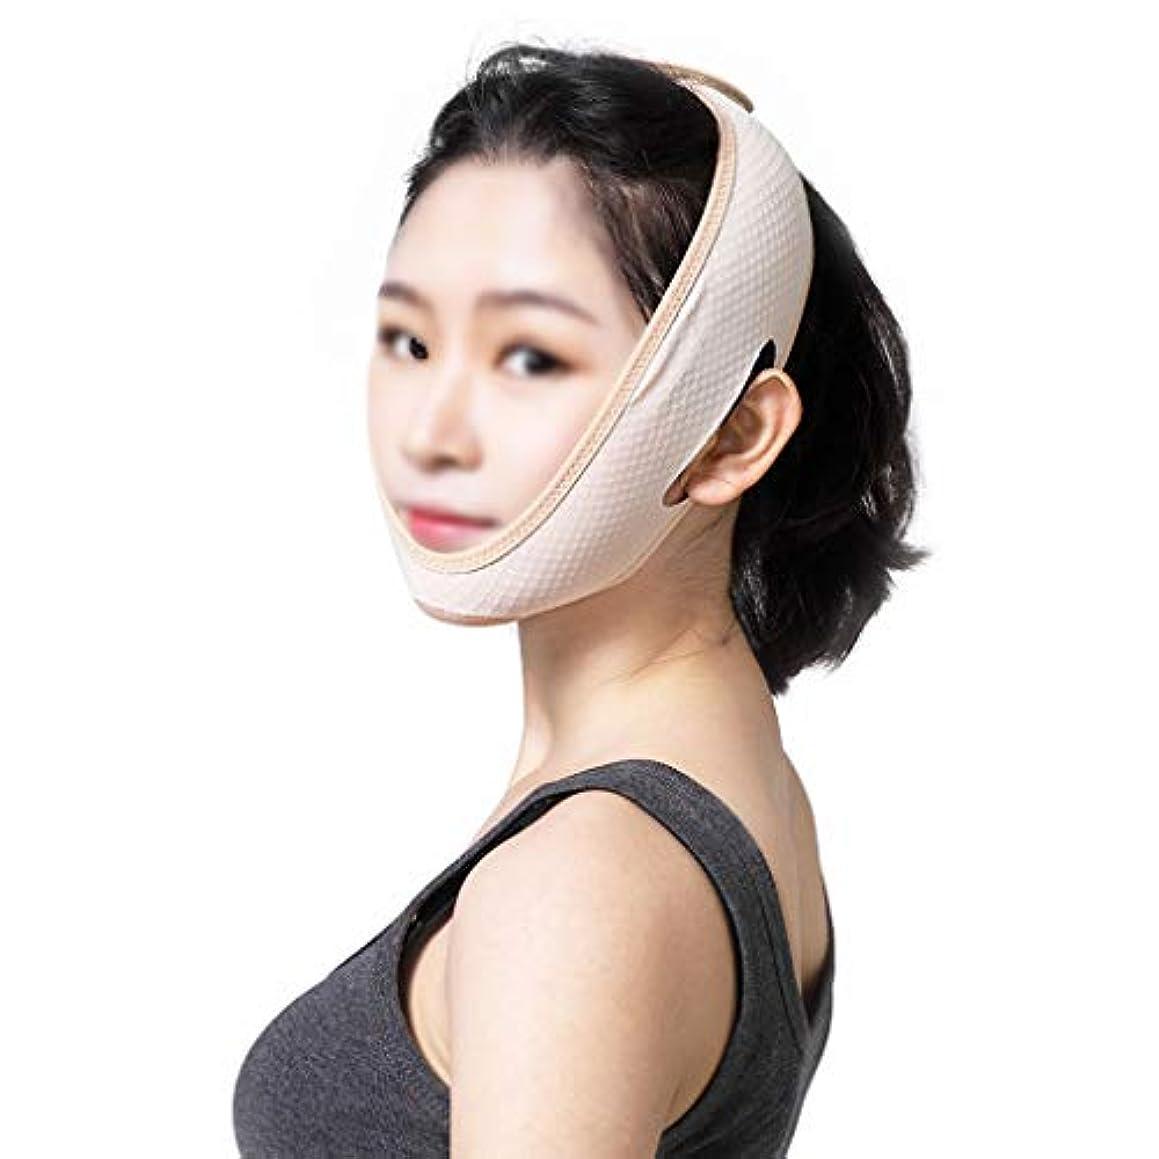 換気する啓示赤道TLMY 顔面リフティング包帯術後回復マスクリフティング包帯薄い顔アーティファクトは、小さなV顔を作成する 顔用整形マスク